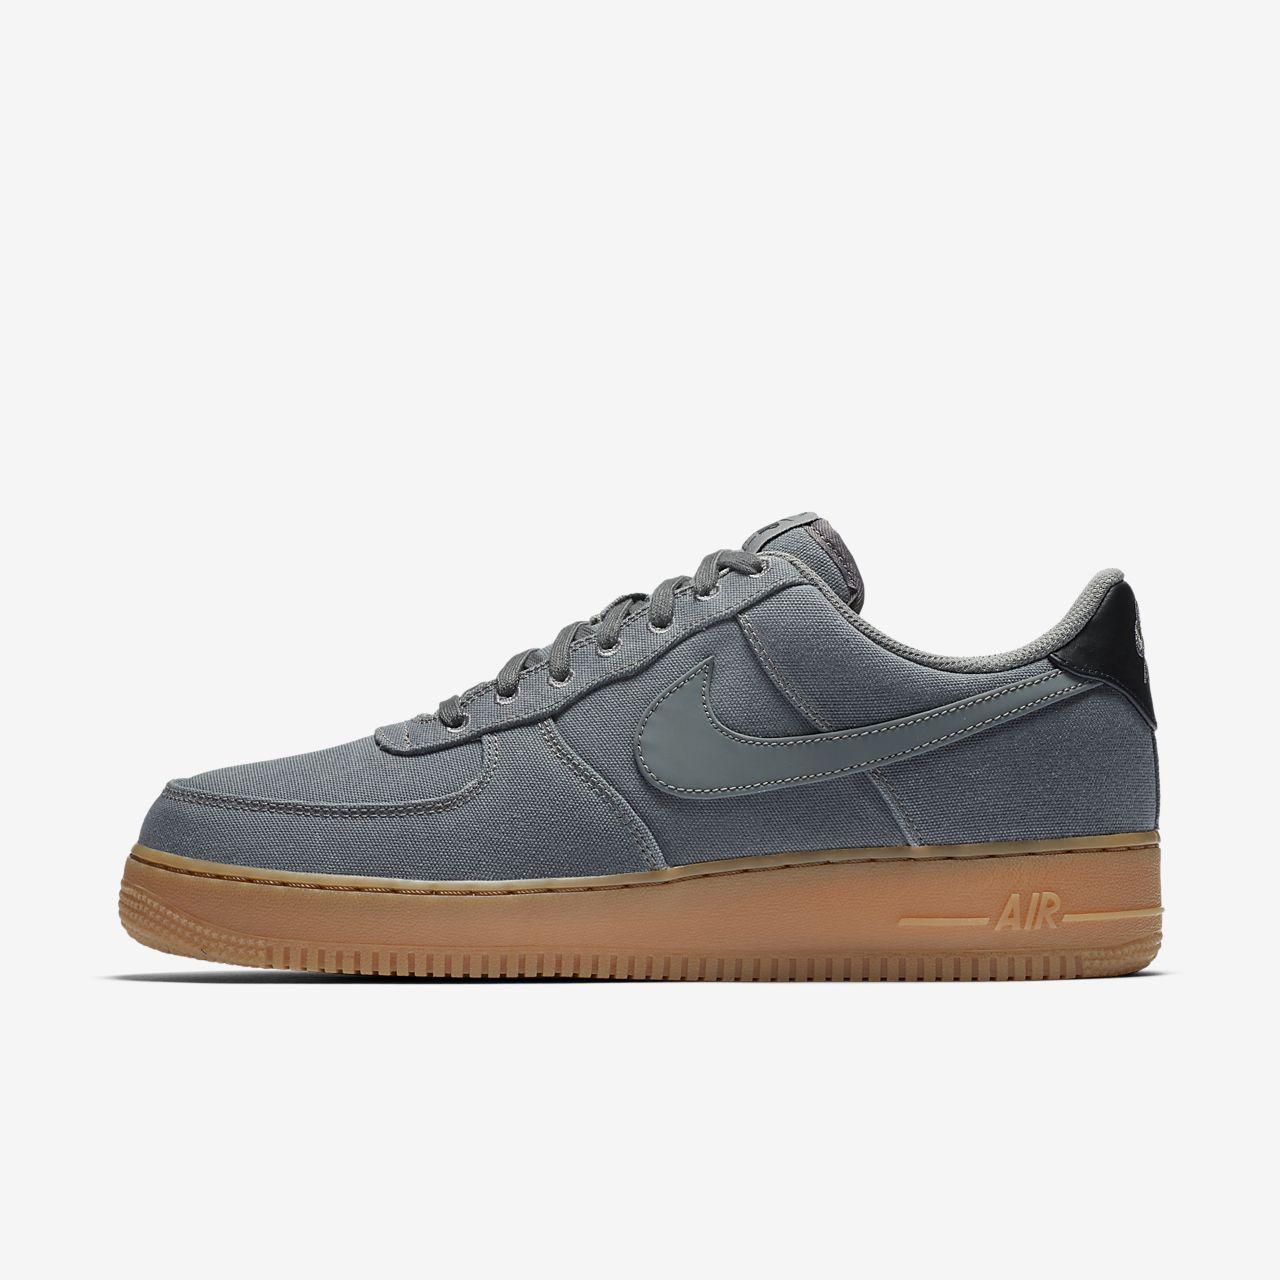 promo code da1be 4e8d3 ... Sko Nike Air Force 1  07 LV8 Style för män